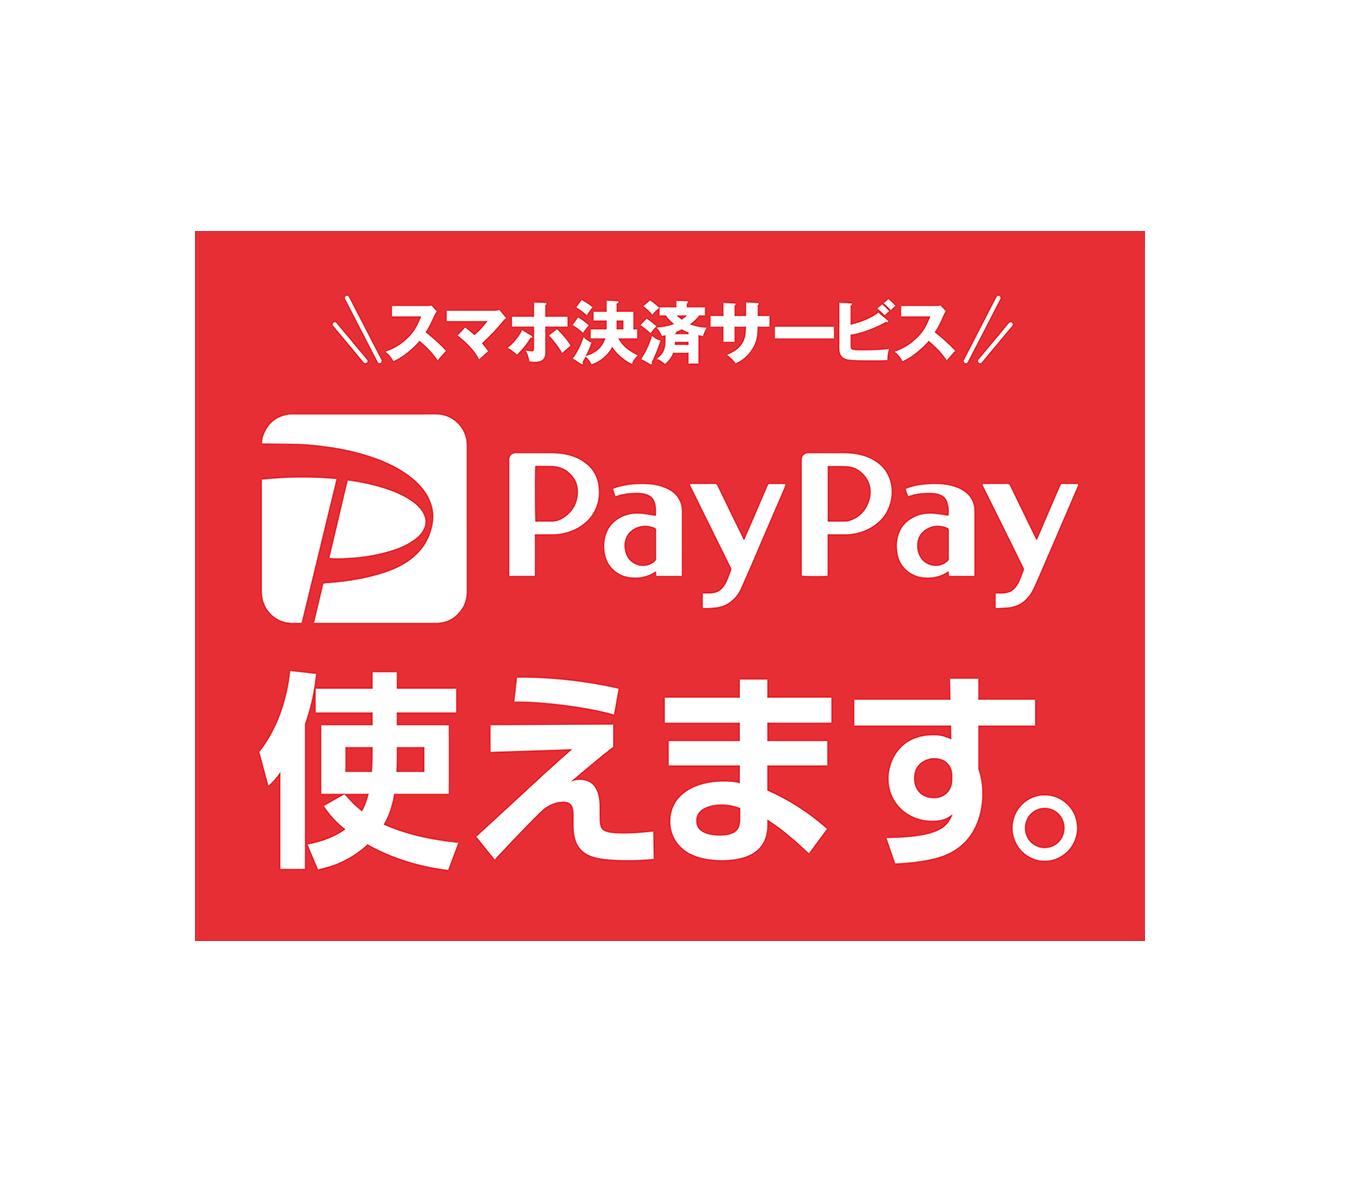 PayPayでのお支払いで5%ポイント還元!